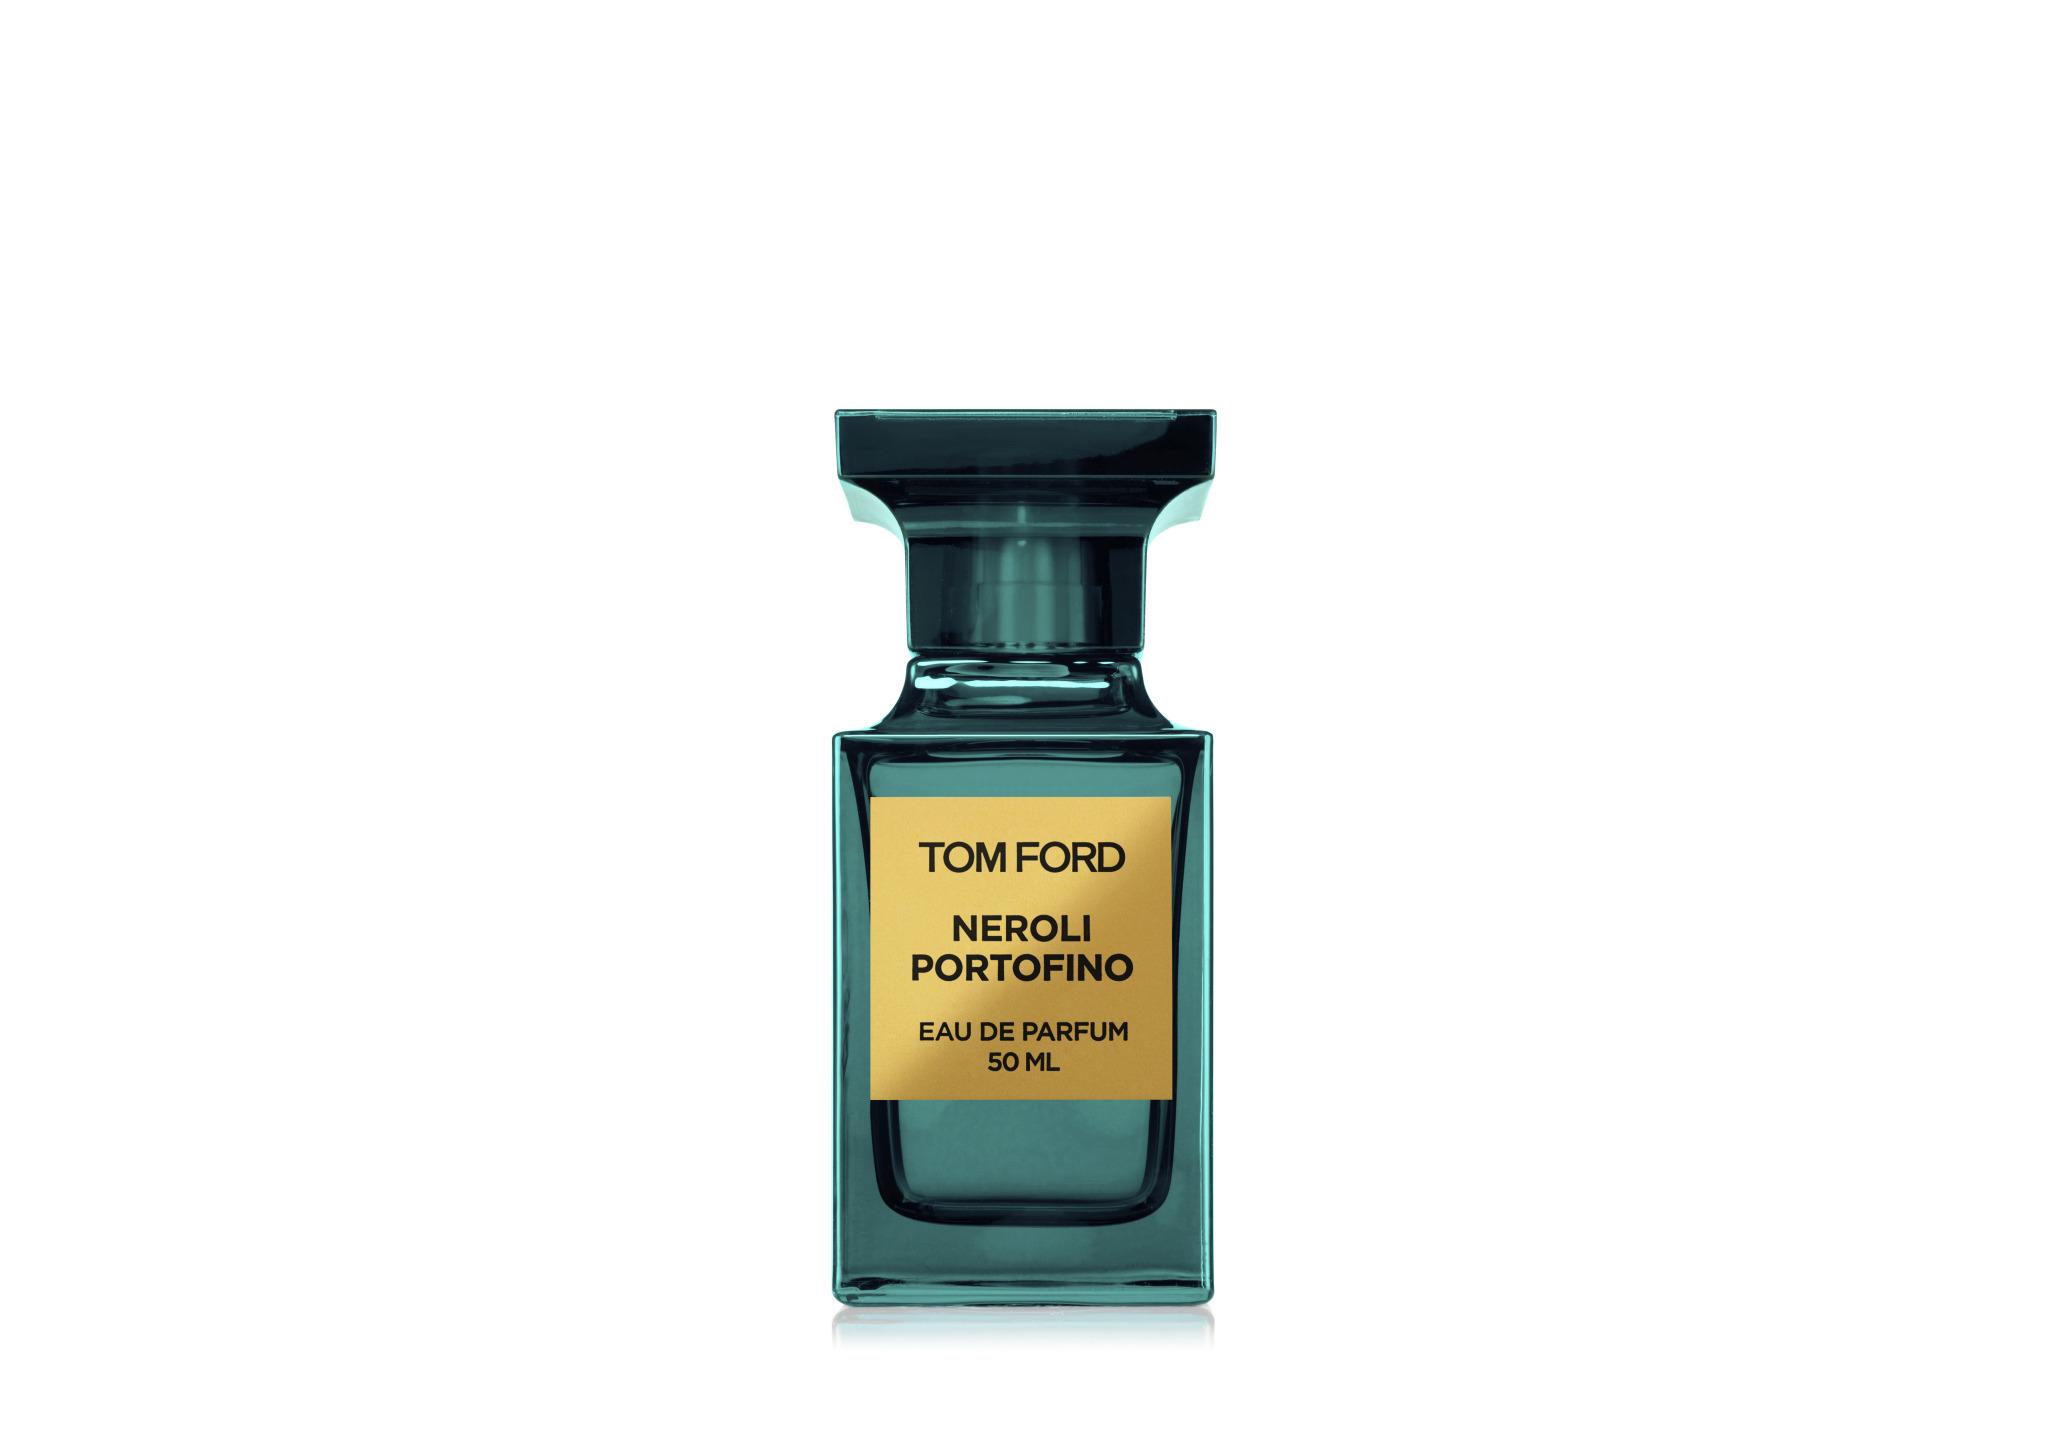 Tom Ford Neroli Portofino EDP, 50 ml